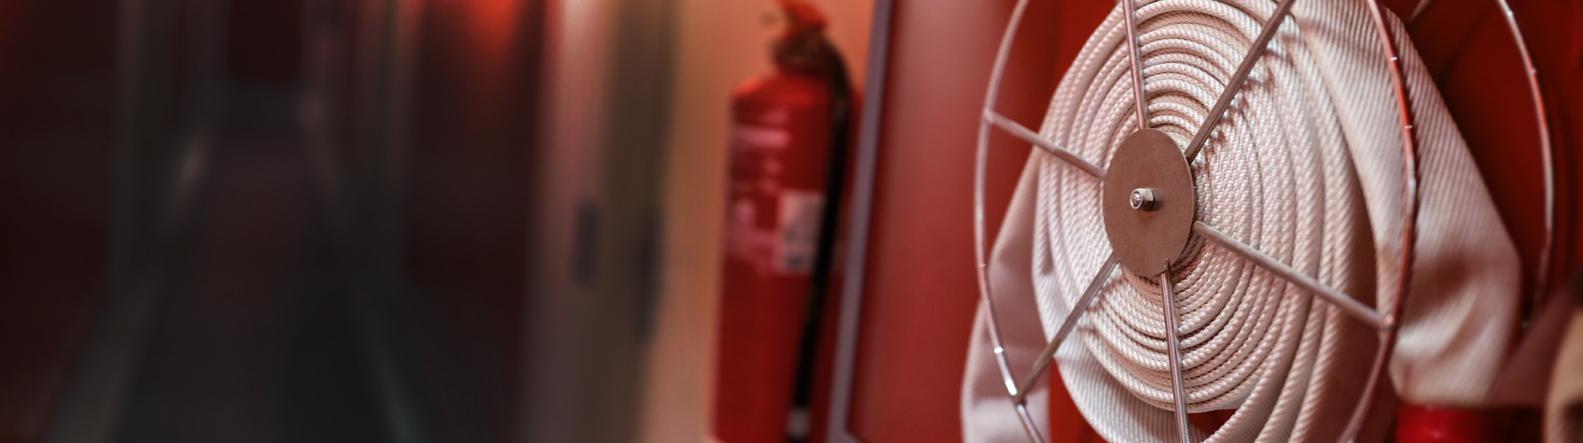 Priešgaisrinių sistemų pardavimas, diegimas, aptarnavimas